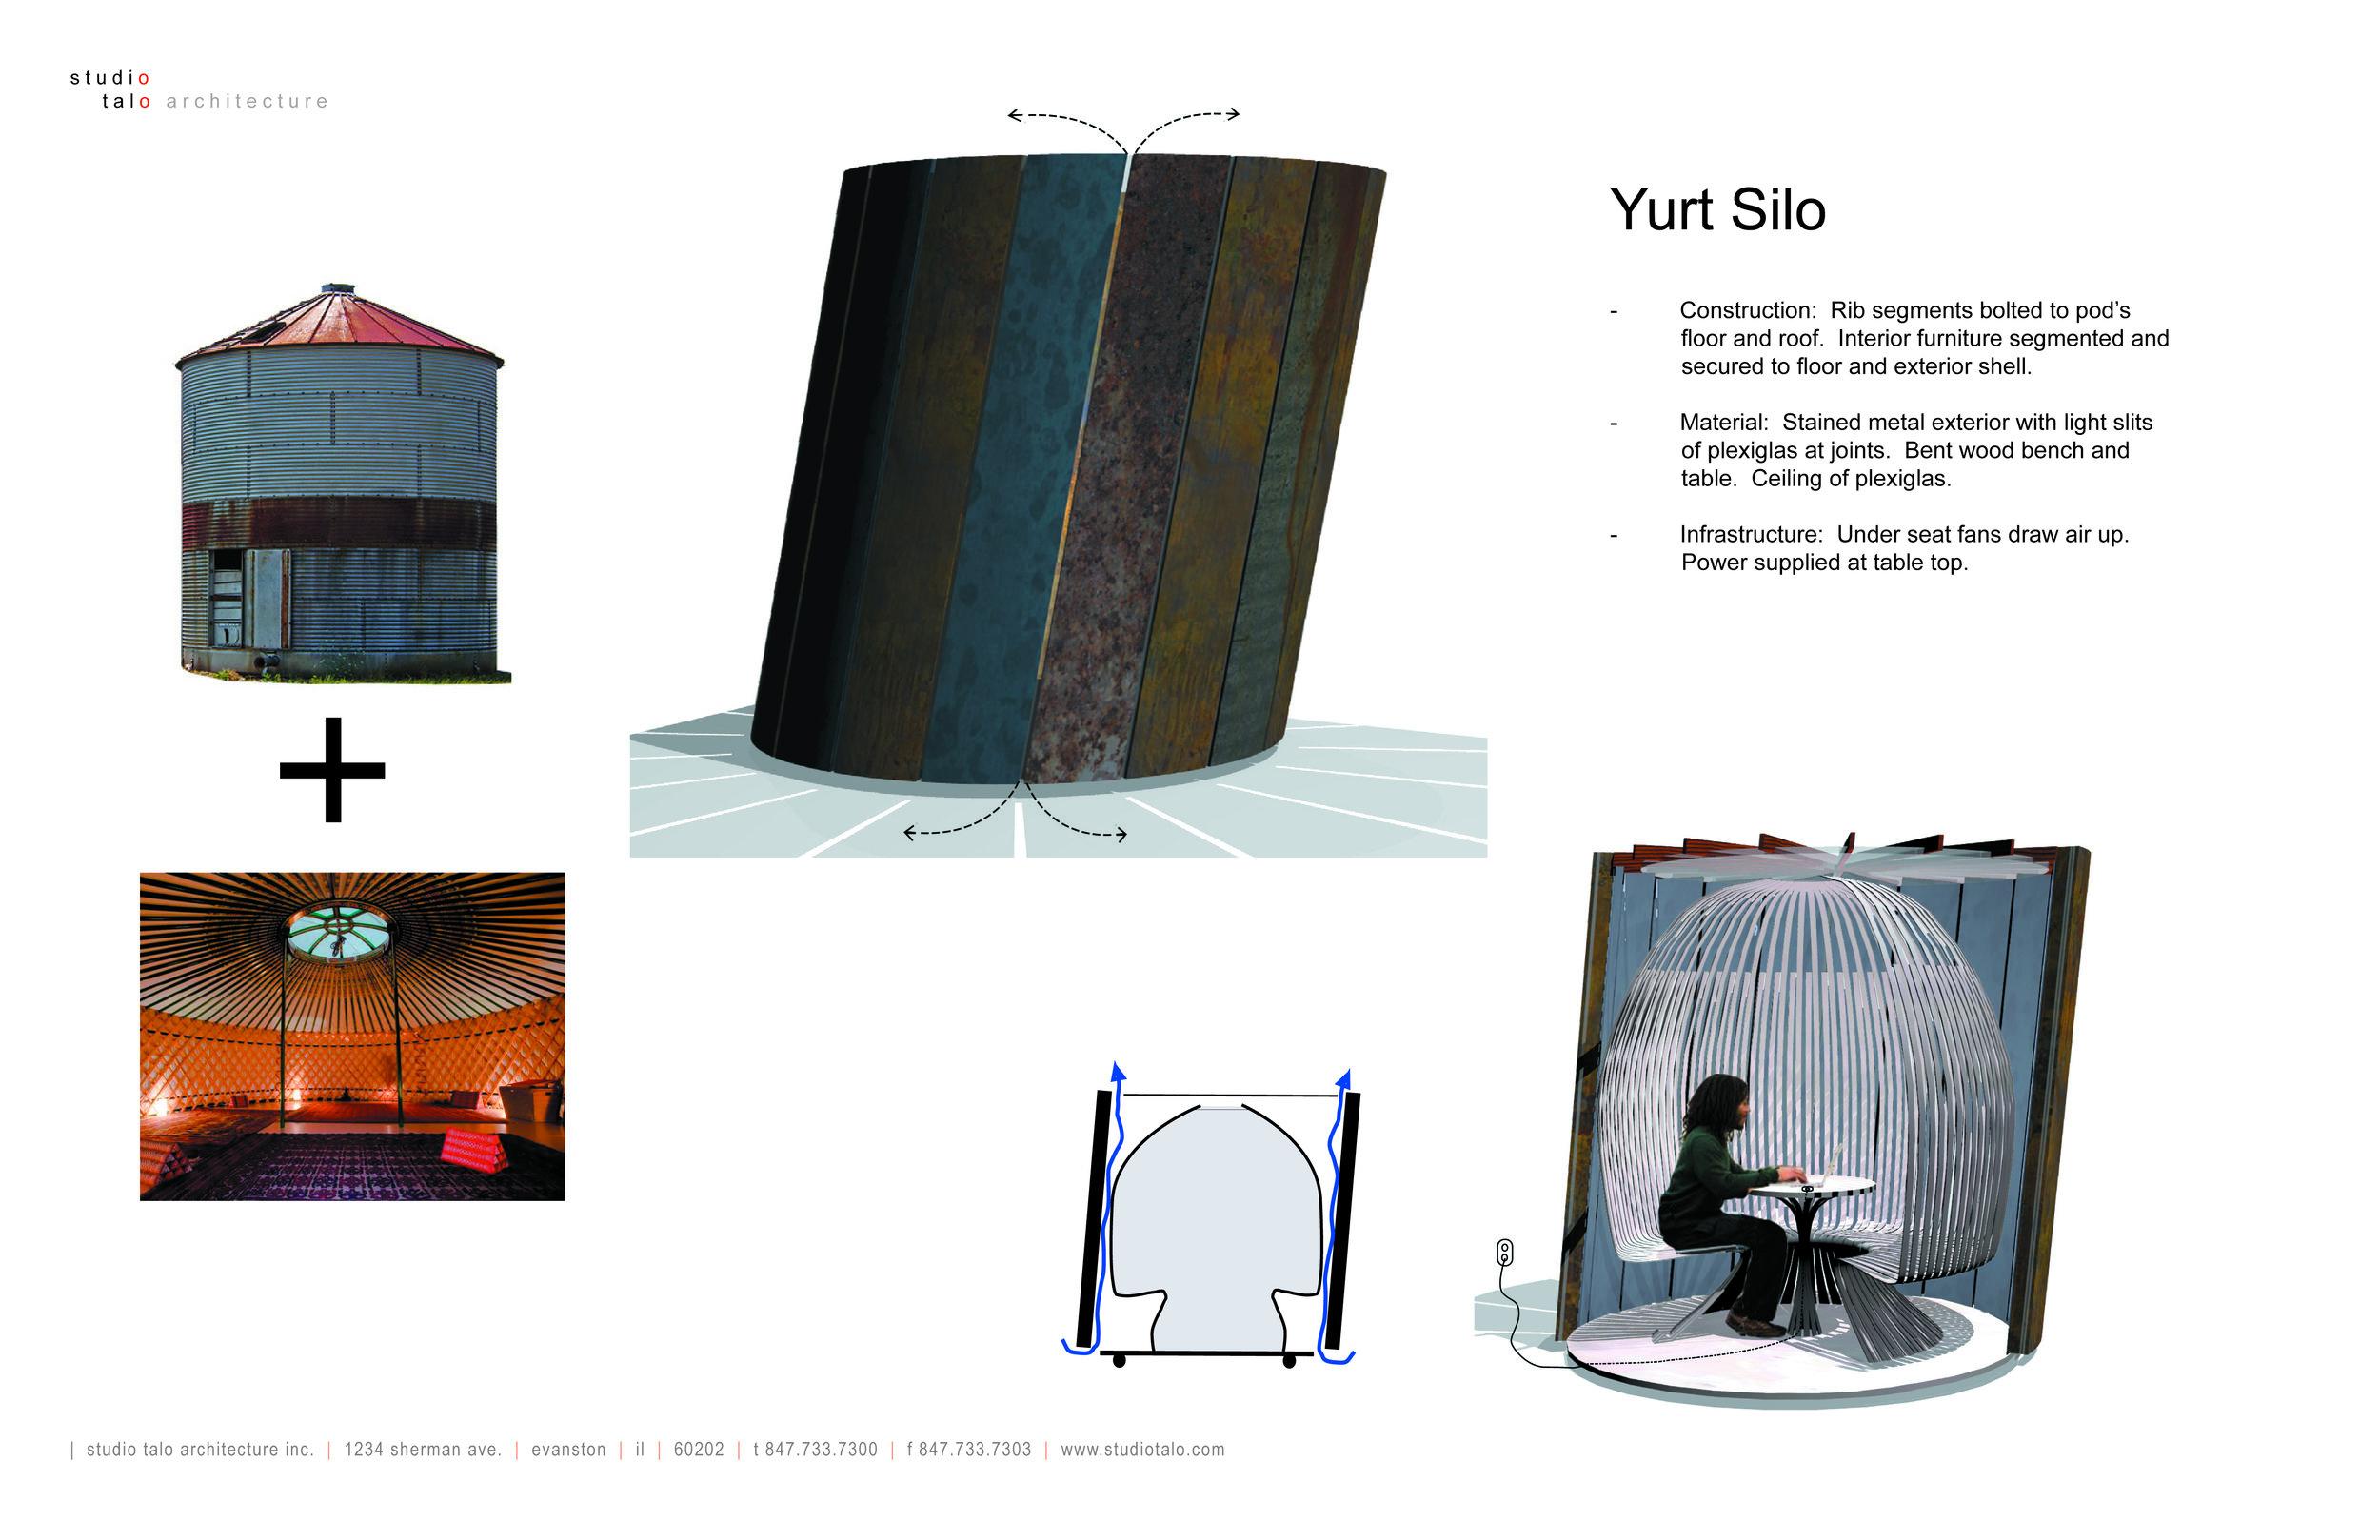 15_Letters_Rendering_Pod_Yurt.jpg